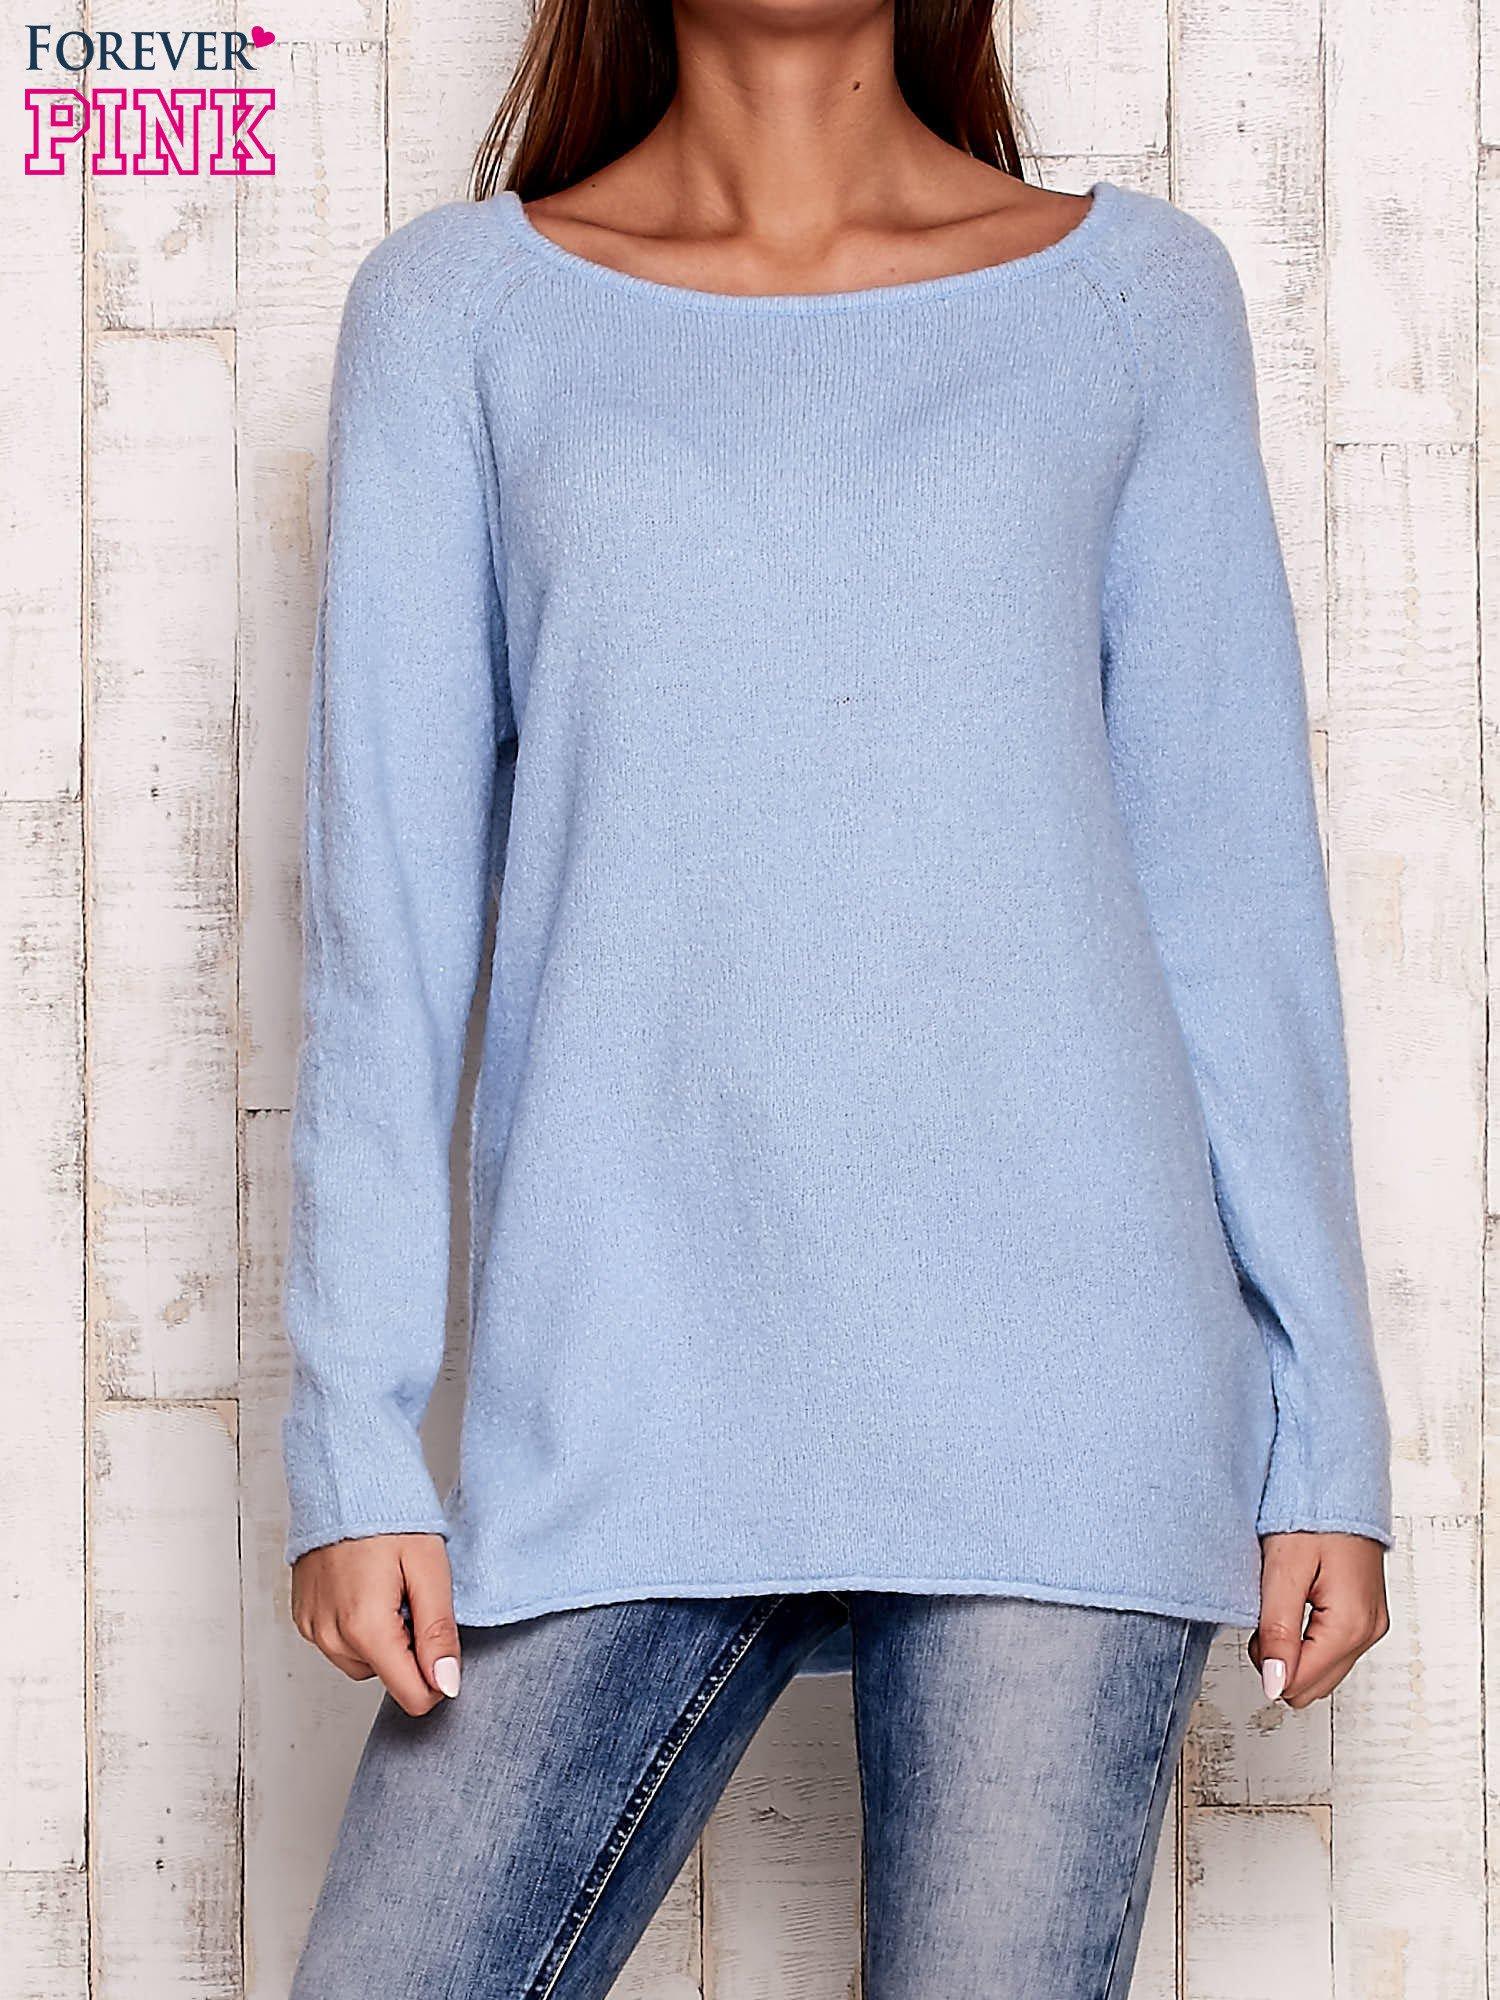 Niebieski dzianinowy sweter                                   zdj.                                  1